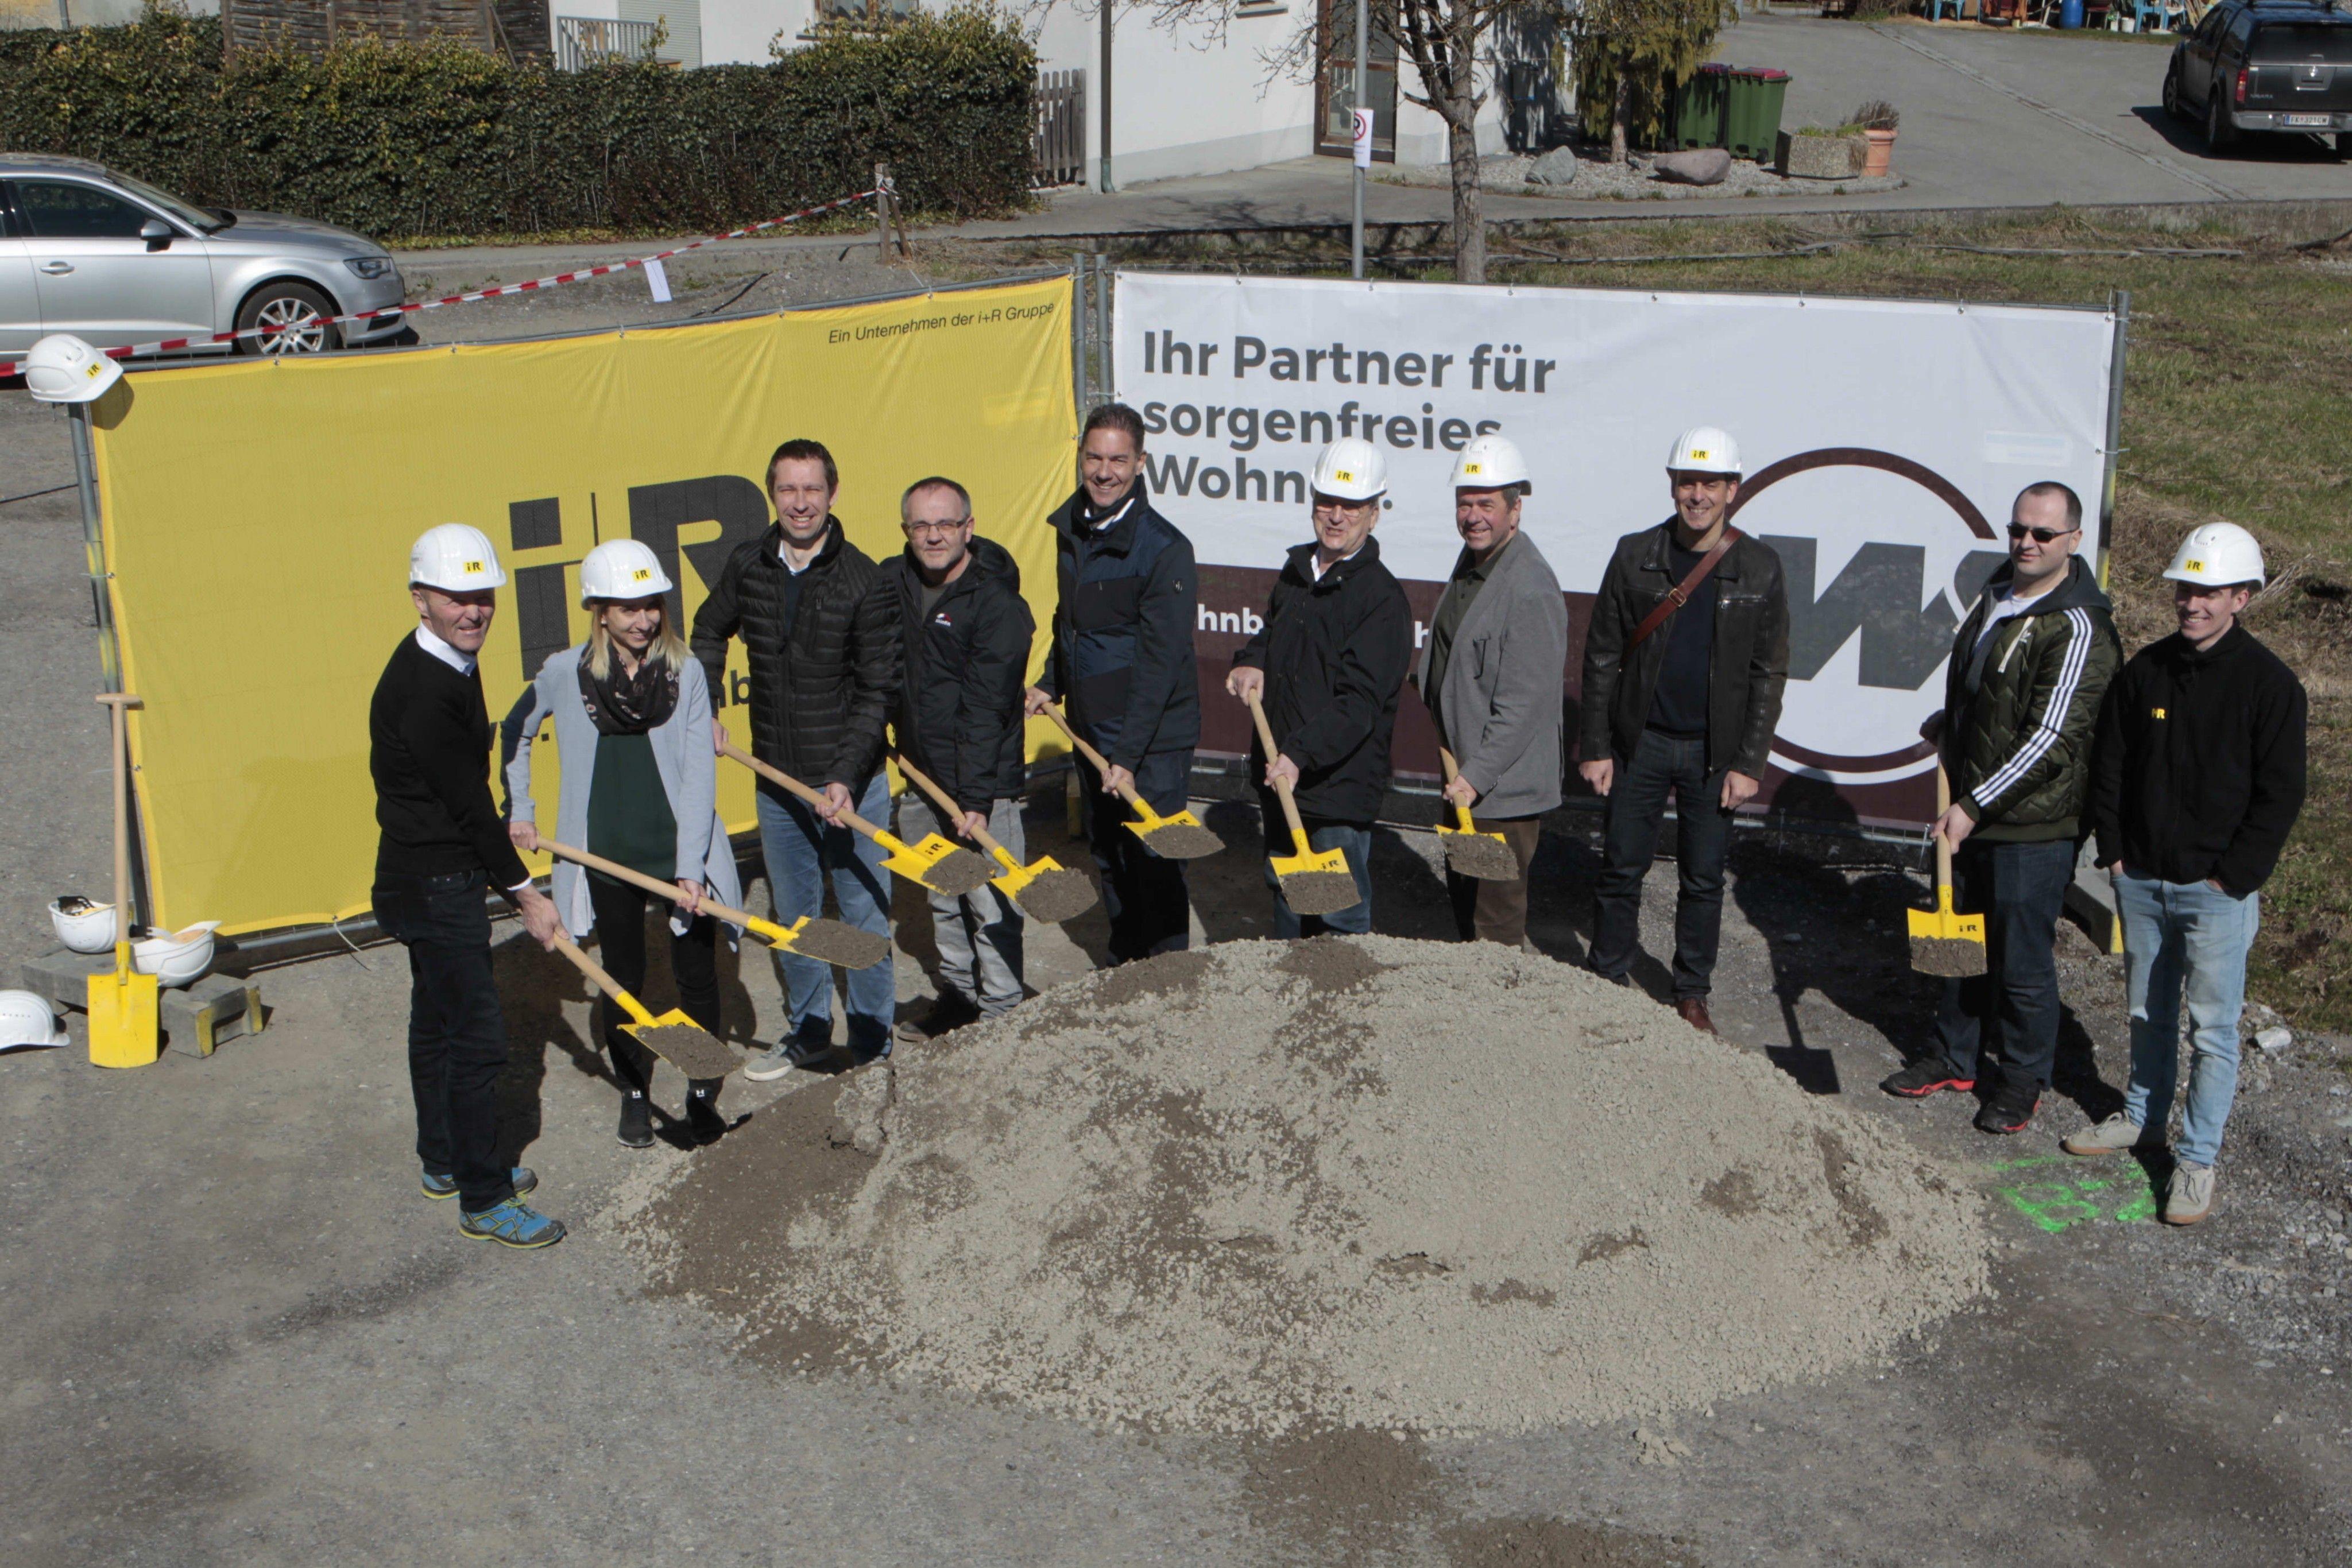 Vorarlberg: Baustart für gemeinnützige Wohnanlage in Frastanz